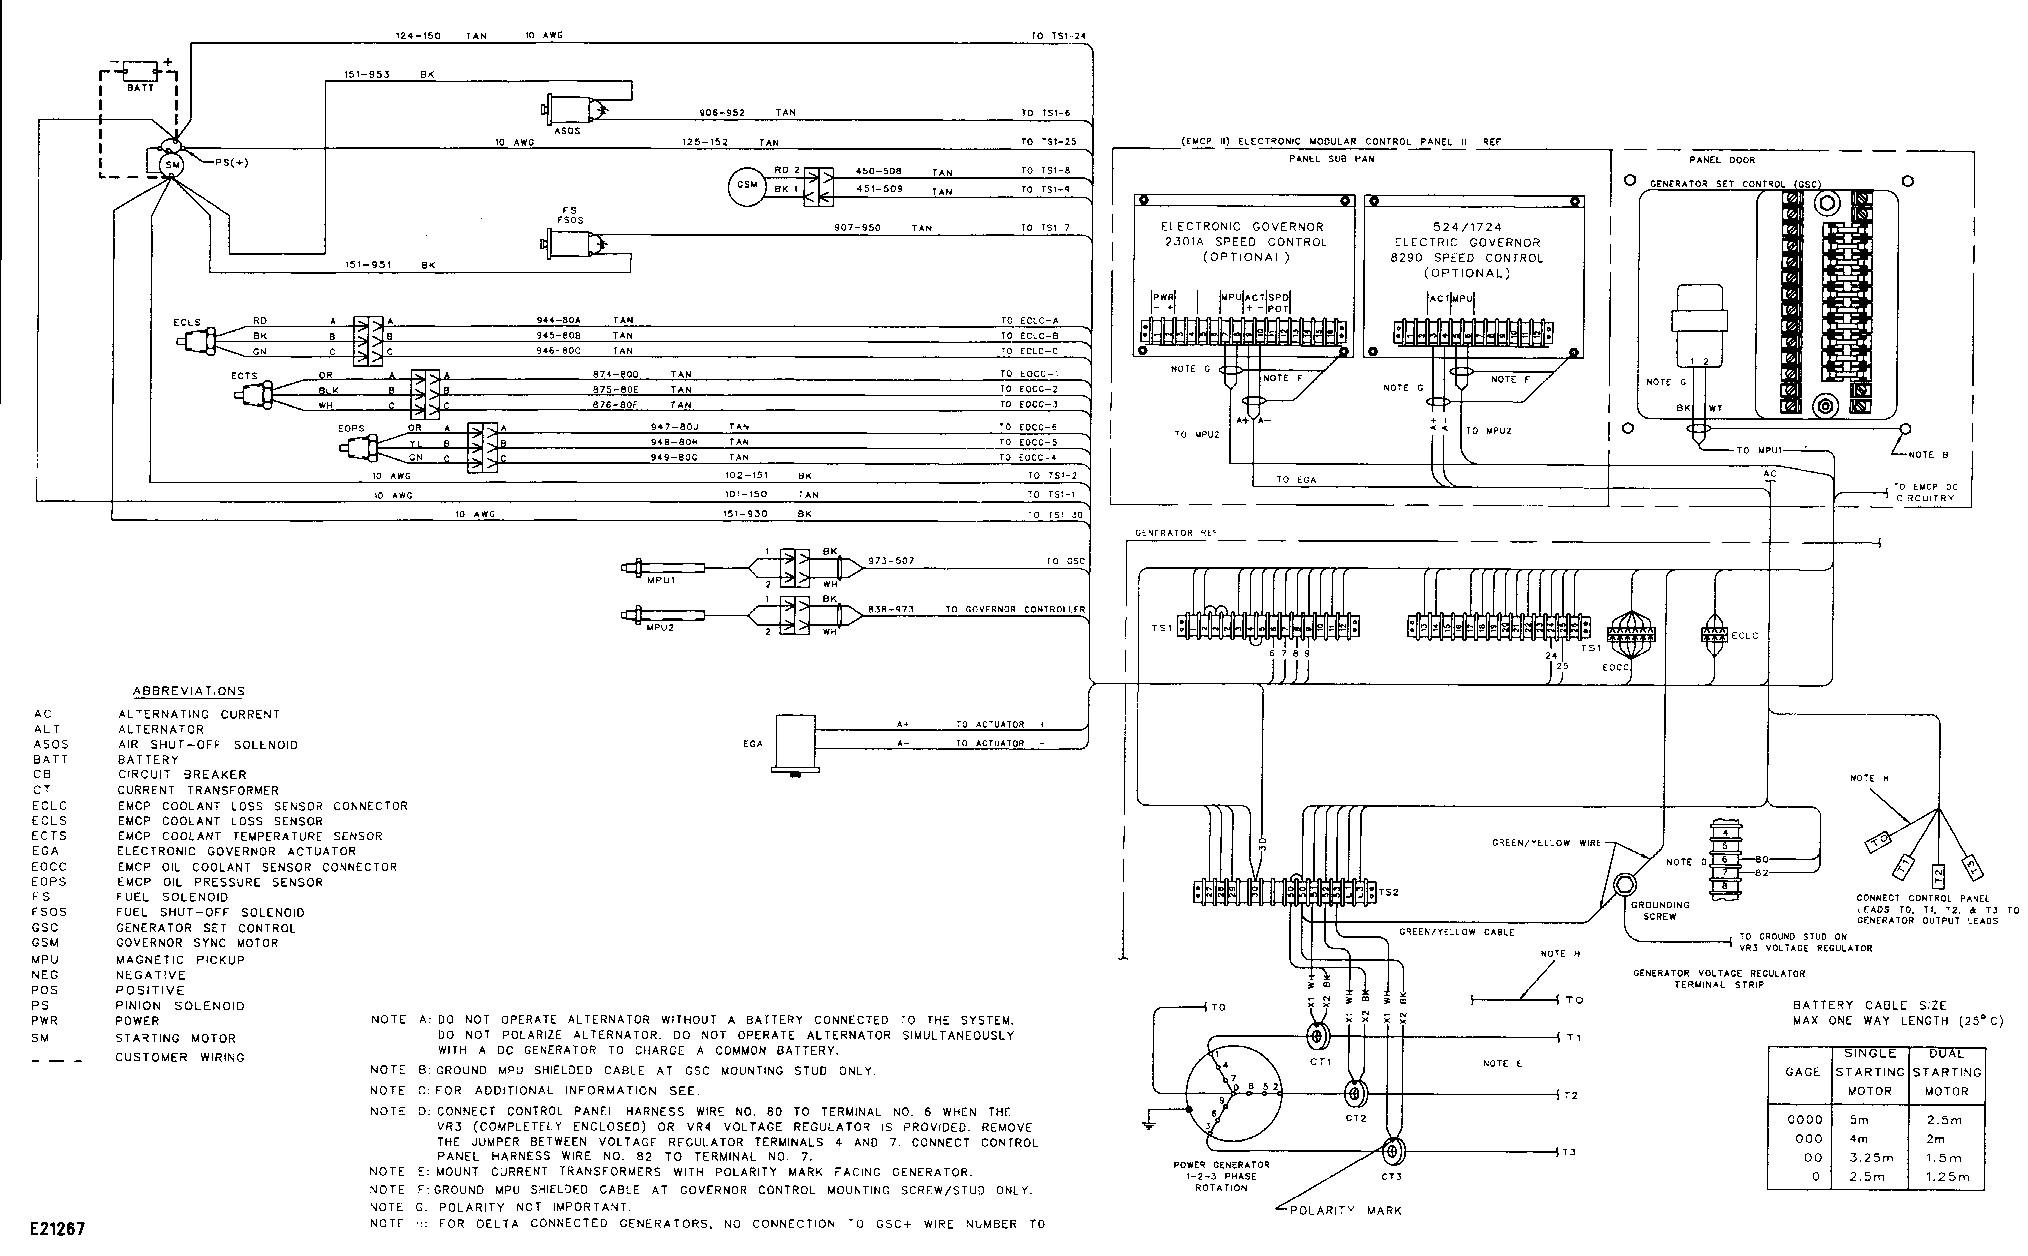 [DIAGRAM] C18 Cat Engine Generator Wiring Diagram FULL